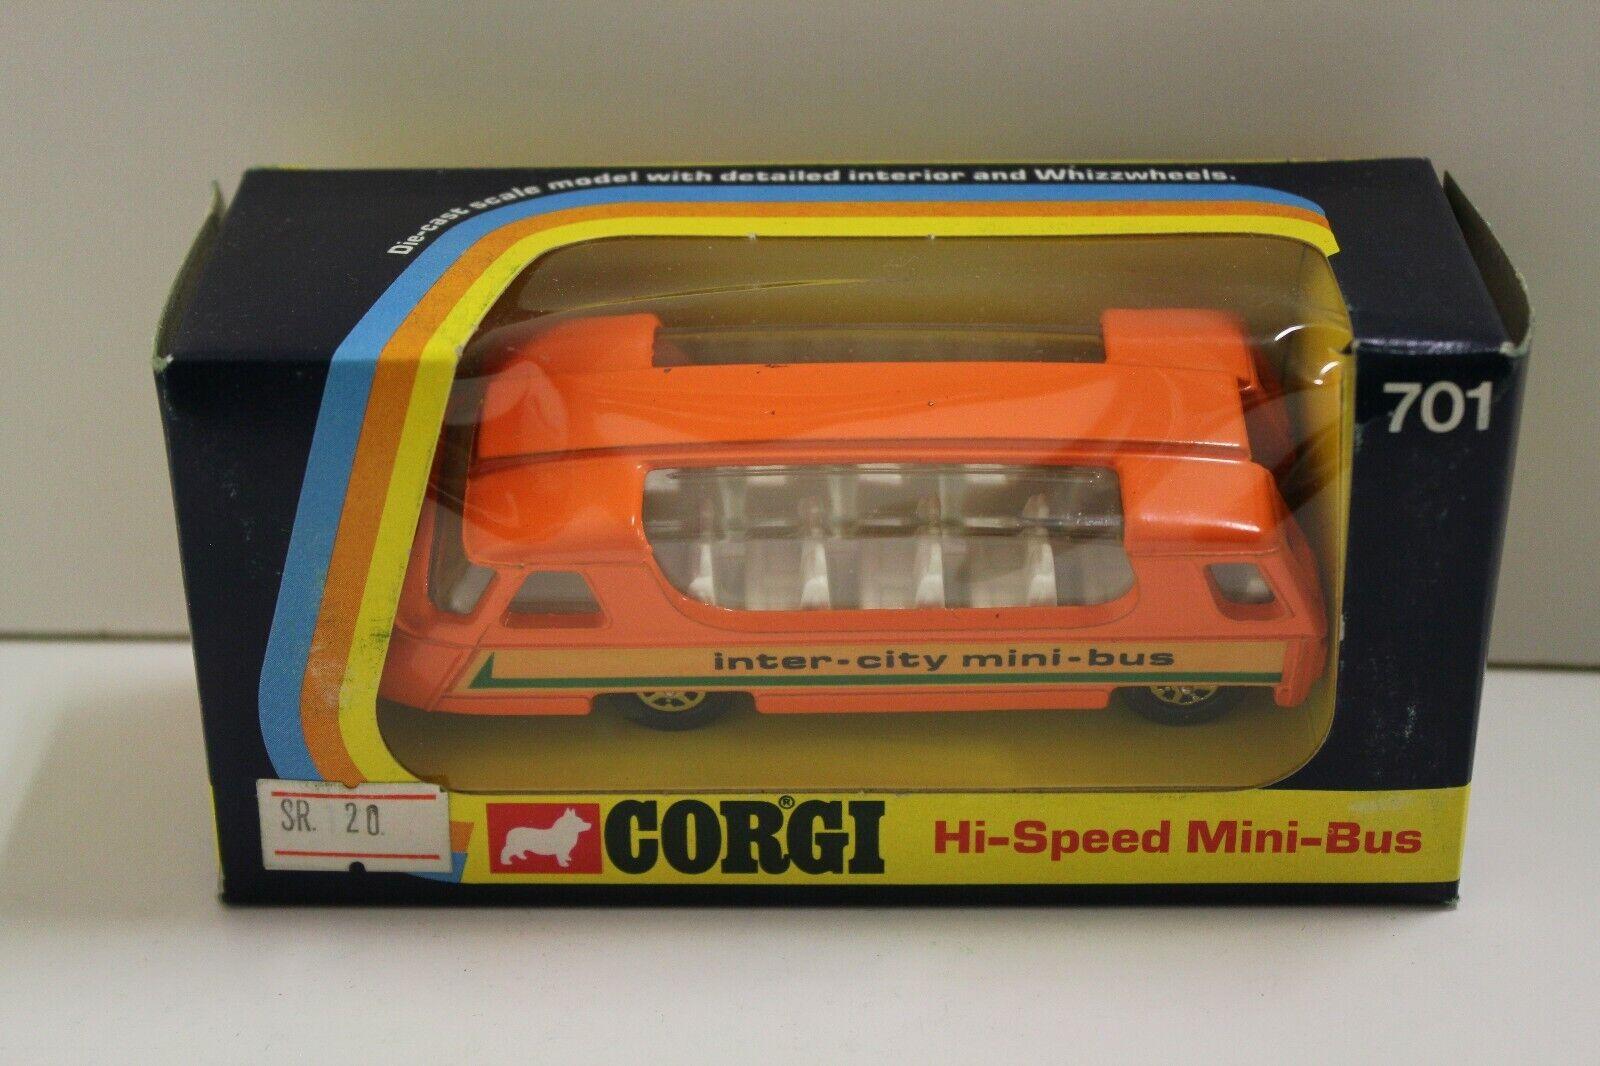 Corgi No  701  Hi-Speed Mini-Bus Mini-Bus Mini-Bus  - orange (Original 1973 BOXED) 0dfc46